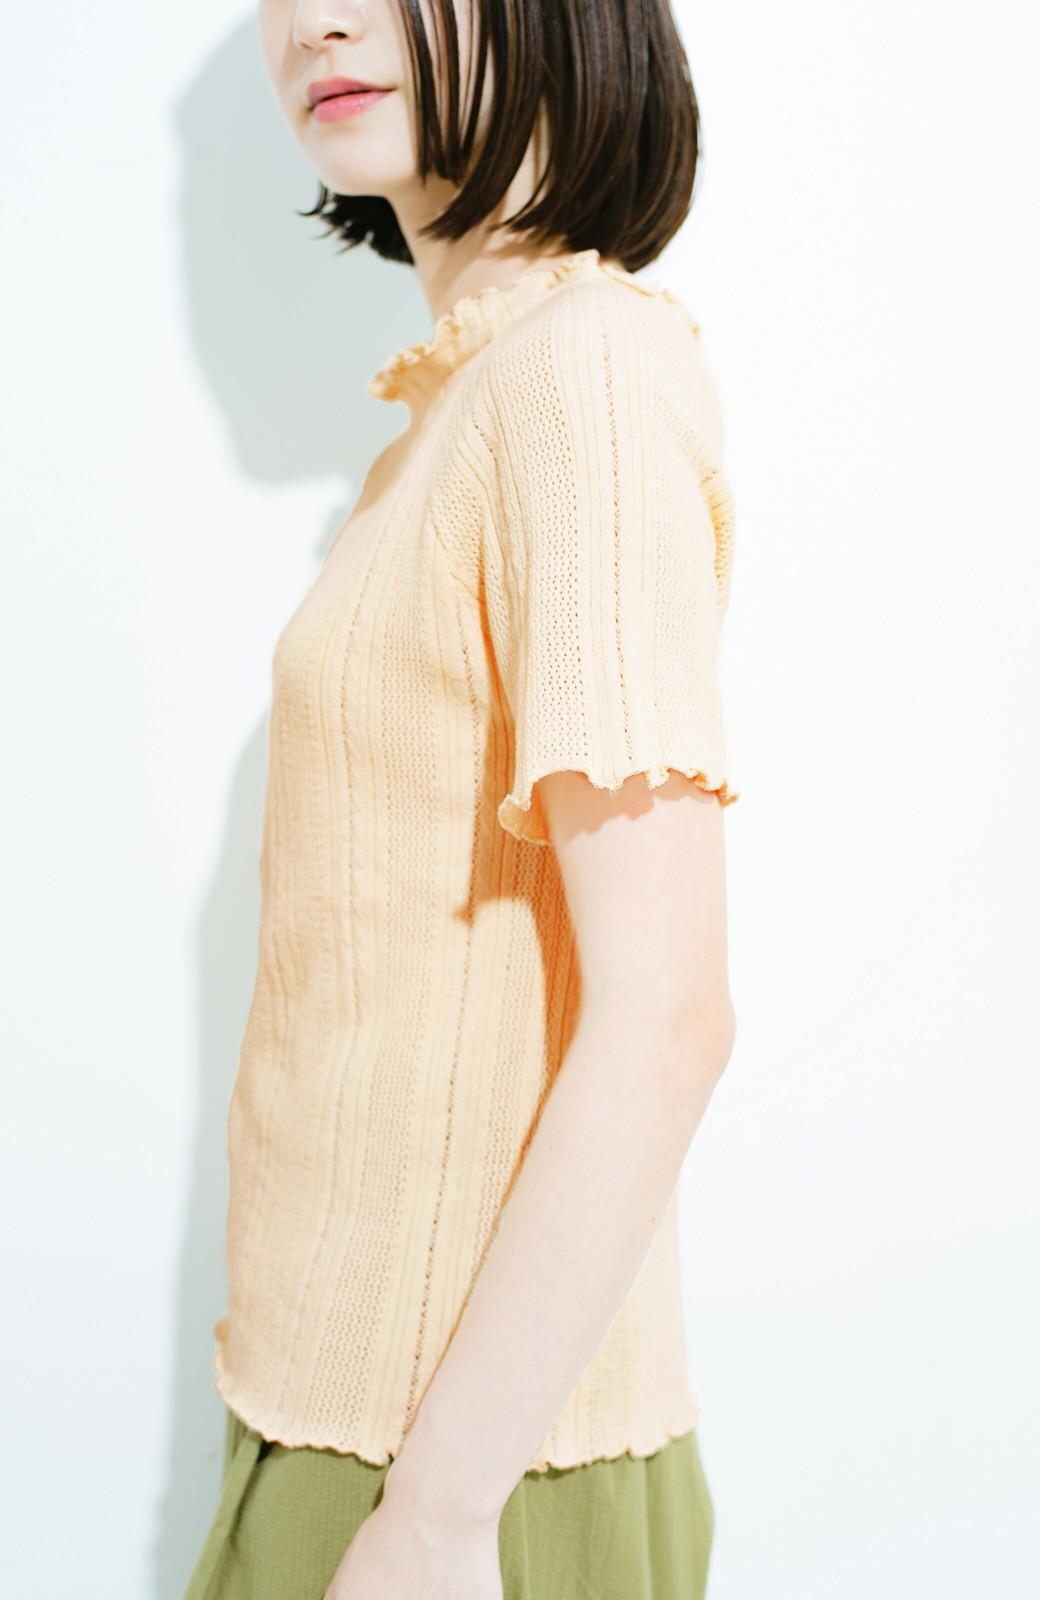 haco! スカートにもパンツにも合う ぴったりめがかわいい透かし柄ニット <アイボリー>の商品写真6